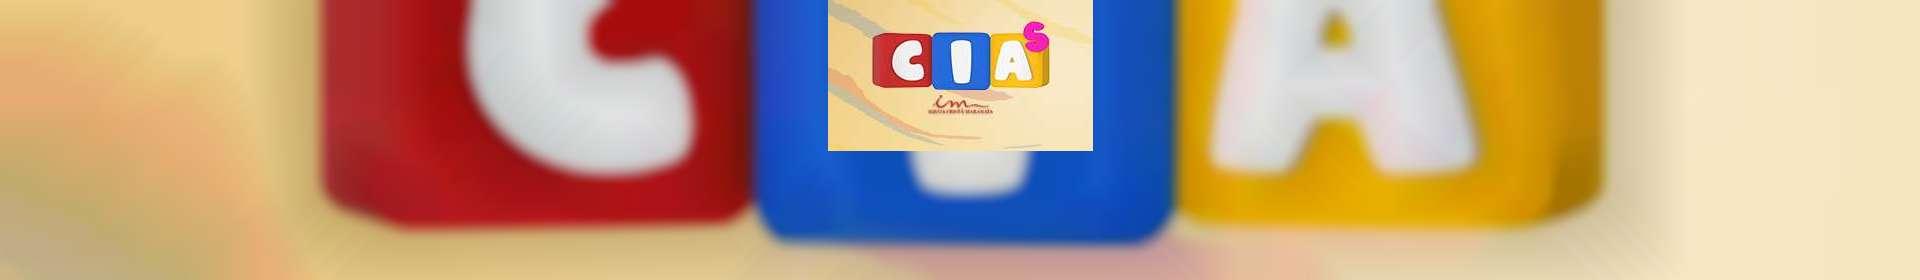 Aula de CIAS: classe de 0 a 3 anos - 16 de abril de 2020